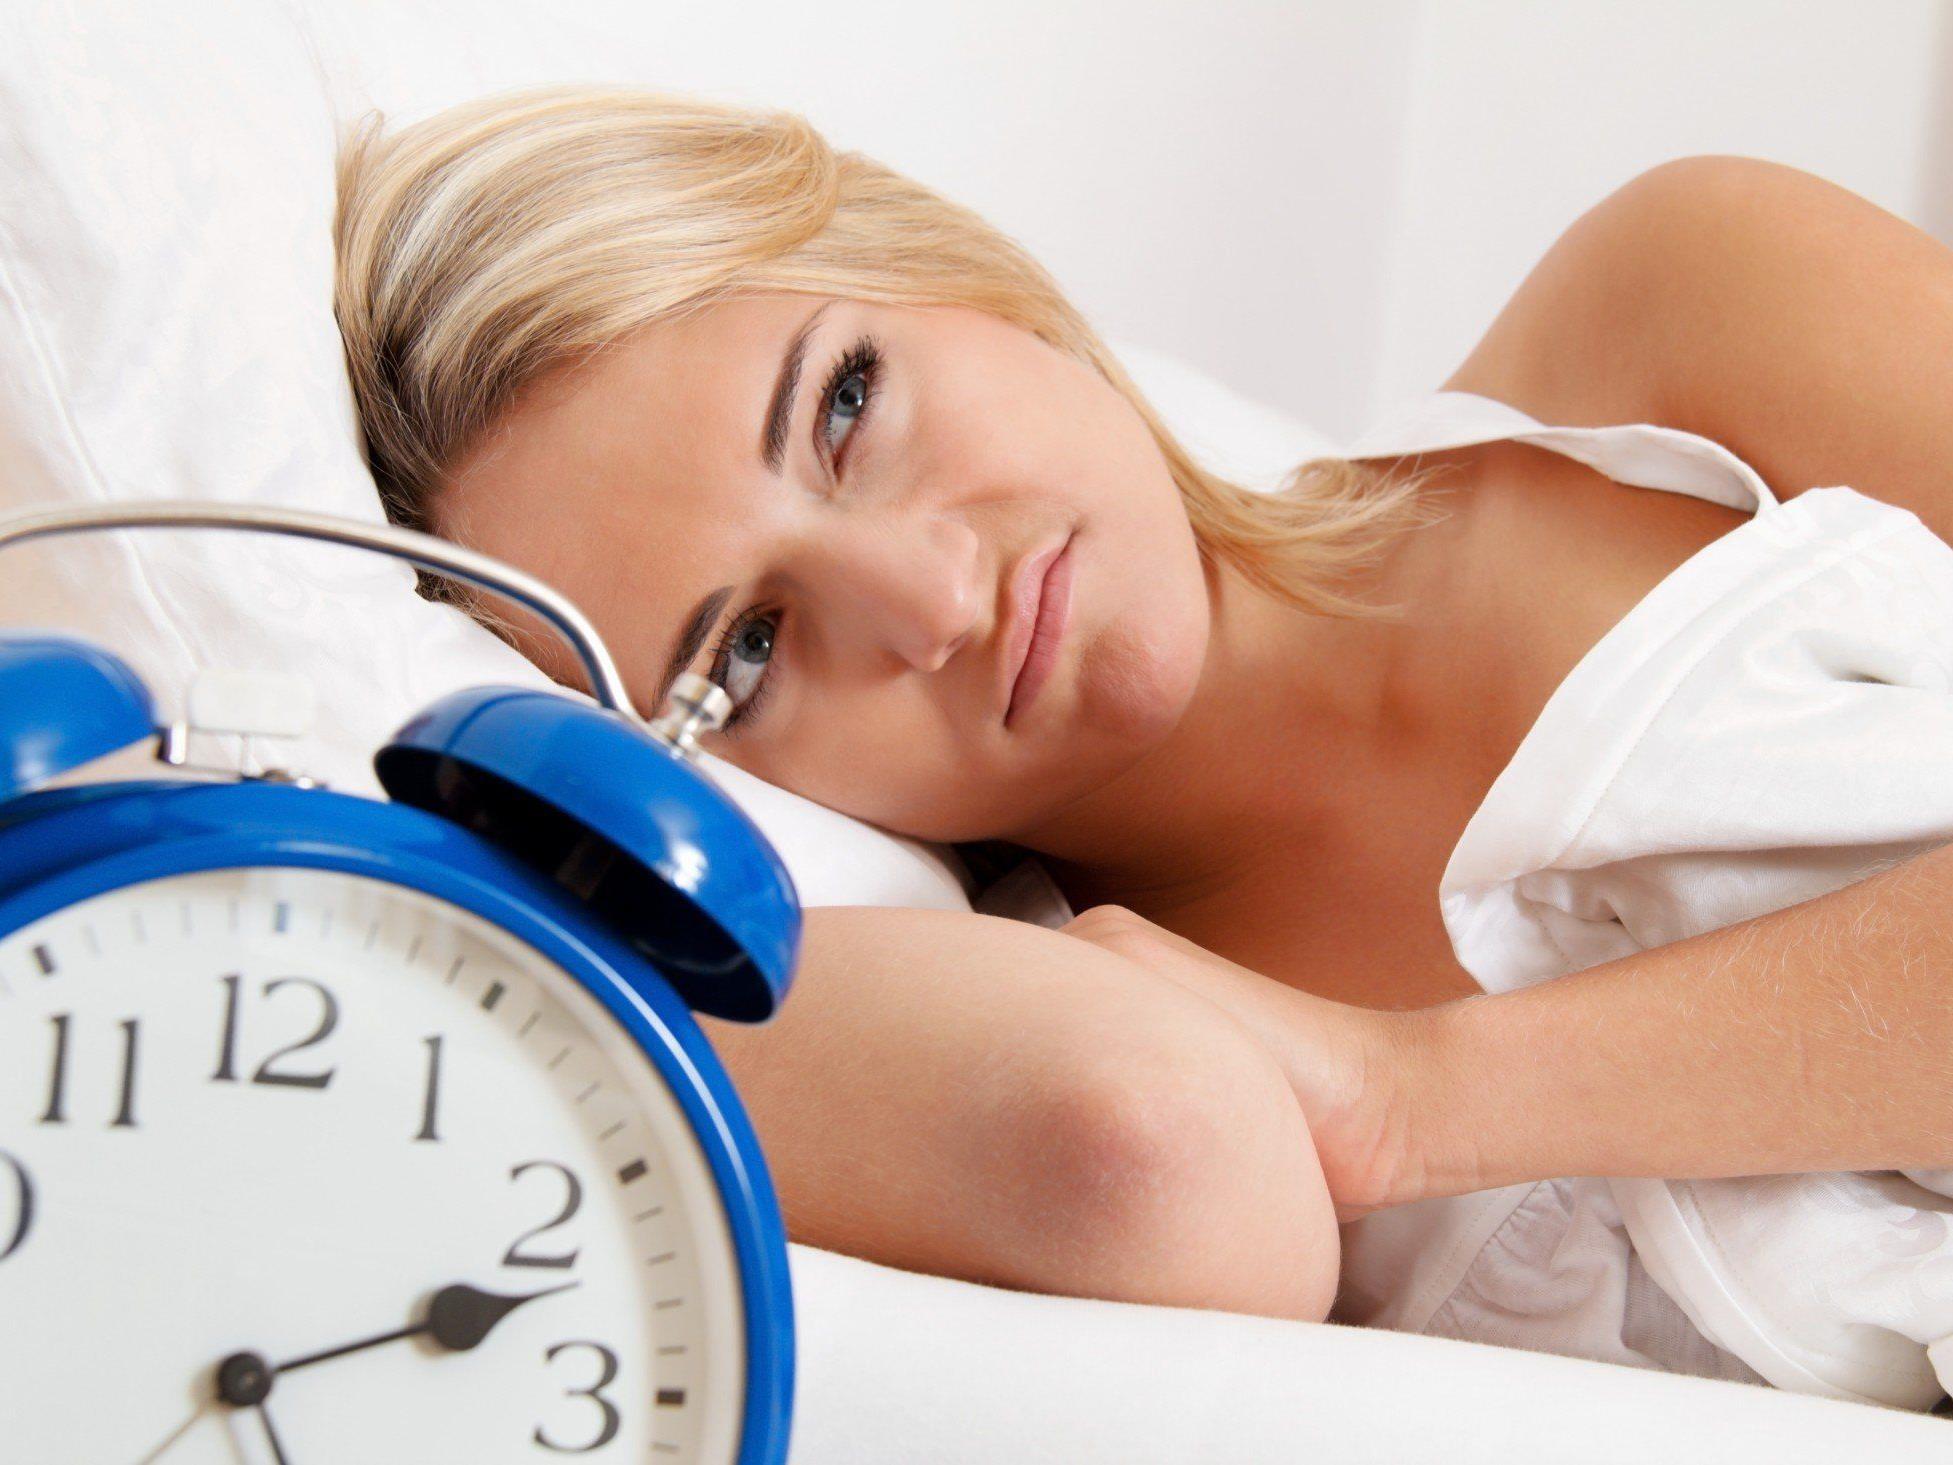 Laut einer Studie leiden Führungskräfte in der Wirtschaft öfters an Schlafstörungen.